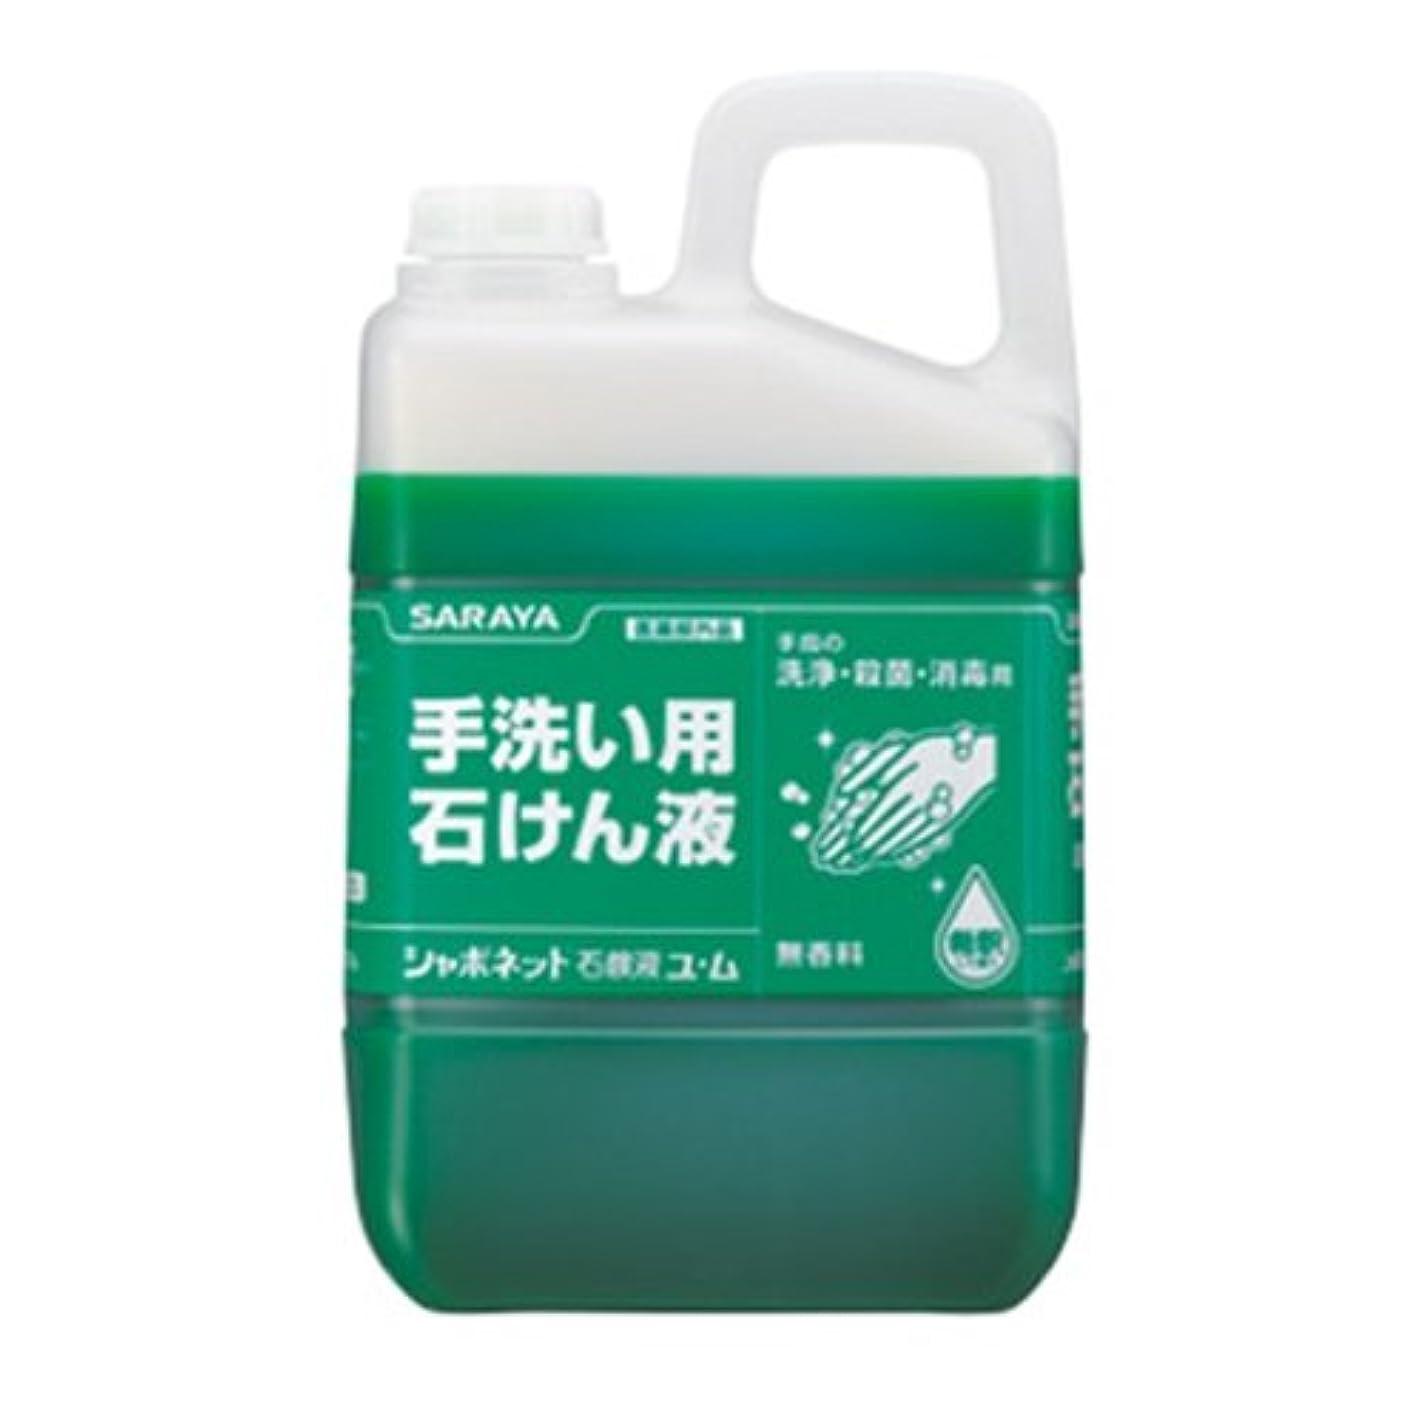 作業いたずらな正午【ケース販売】30831 手洗い用石けん液 シャボネット石鹸液ユ?ム 3kg×3個